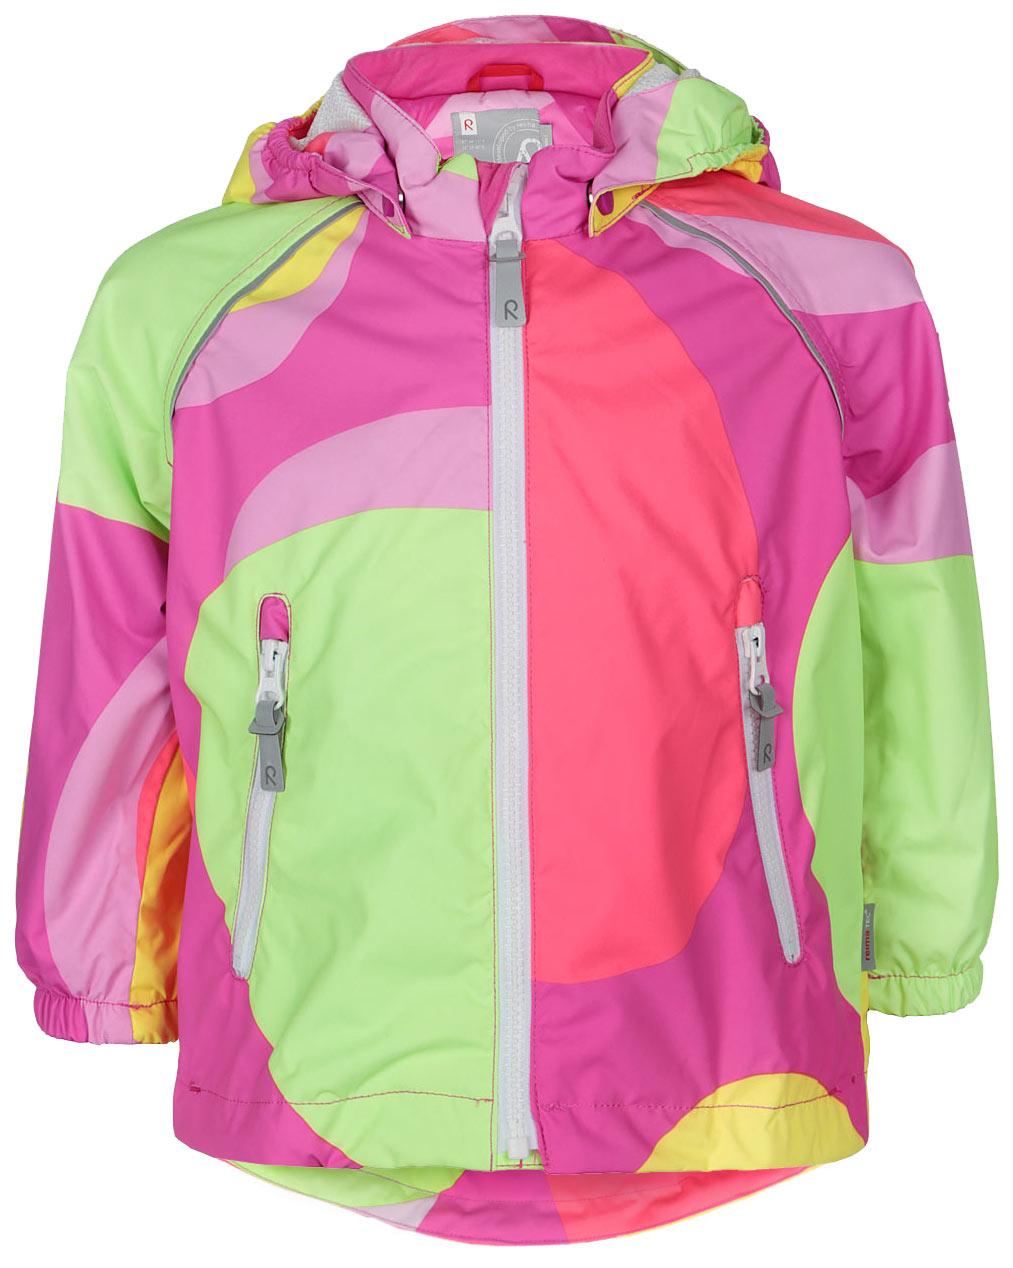 Куртка детская Reima Foamy, цвет: розовый, салатовый, лимонный. 511201C-4724. Размер 92511201C_4724Детская куртка Reima Foamy идеально подойдет для ребенка в прохладное время года. Куртка изготовлена из водоотталкивающей и ветрозащитной мембранной ткани. Материал отличается высокой устойчивостью к трению, благодаря специальной обработке полиуретаном поверхность изделия отталкивает грязь и воду, что облегчает поддержание аккуратного вида одежды, дышащее покрытие с изнаночной части не раздражает даже самую нежную и чувствительную кожу ребенка, обеспечивая ему наибольший комфорт.Куртка с капюшоном и длинными рукавами-реглан застегивается на пластиковую застежку-молнию с защитой подбородка, благодаря чему ее легко надевать и снимать, и дополнительно имеет внутреннюю ветрозащитную планку. Капюшон, присборенный по бокам, защитит нежные щечки от ветра, он пристегивается к куртке при помощи застежек-кнопок. Низ рукавов дополнен неширокими эластичными манжетами. Мягкая подкладка на воротнике и манжетах обеспечивает дополнительный комфорт. Спинка изделия удлинена. Спереди куртка дополнена двумя прорезными карманами на застежках-молниях с удобными держателями. Понизу изделия проходит регулируемая эластичная резинка со стопперами. На модели предусмотрены светоотражающие элементы для безопасности в темное время суток. Все основные швы проклеены, не пропускают влагу и ветер. Оформлено изделие оригинальным принтом. С внутренней стороны изделие оснащено специальными кнопками Reima Play Layers для пристегивания промежуточного слоя к верхней одежде. Комфортная, удобная и практичная куртка идеально подойдет для прогулок и игр на свежем воздухе!